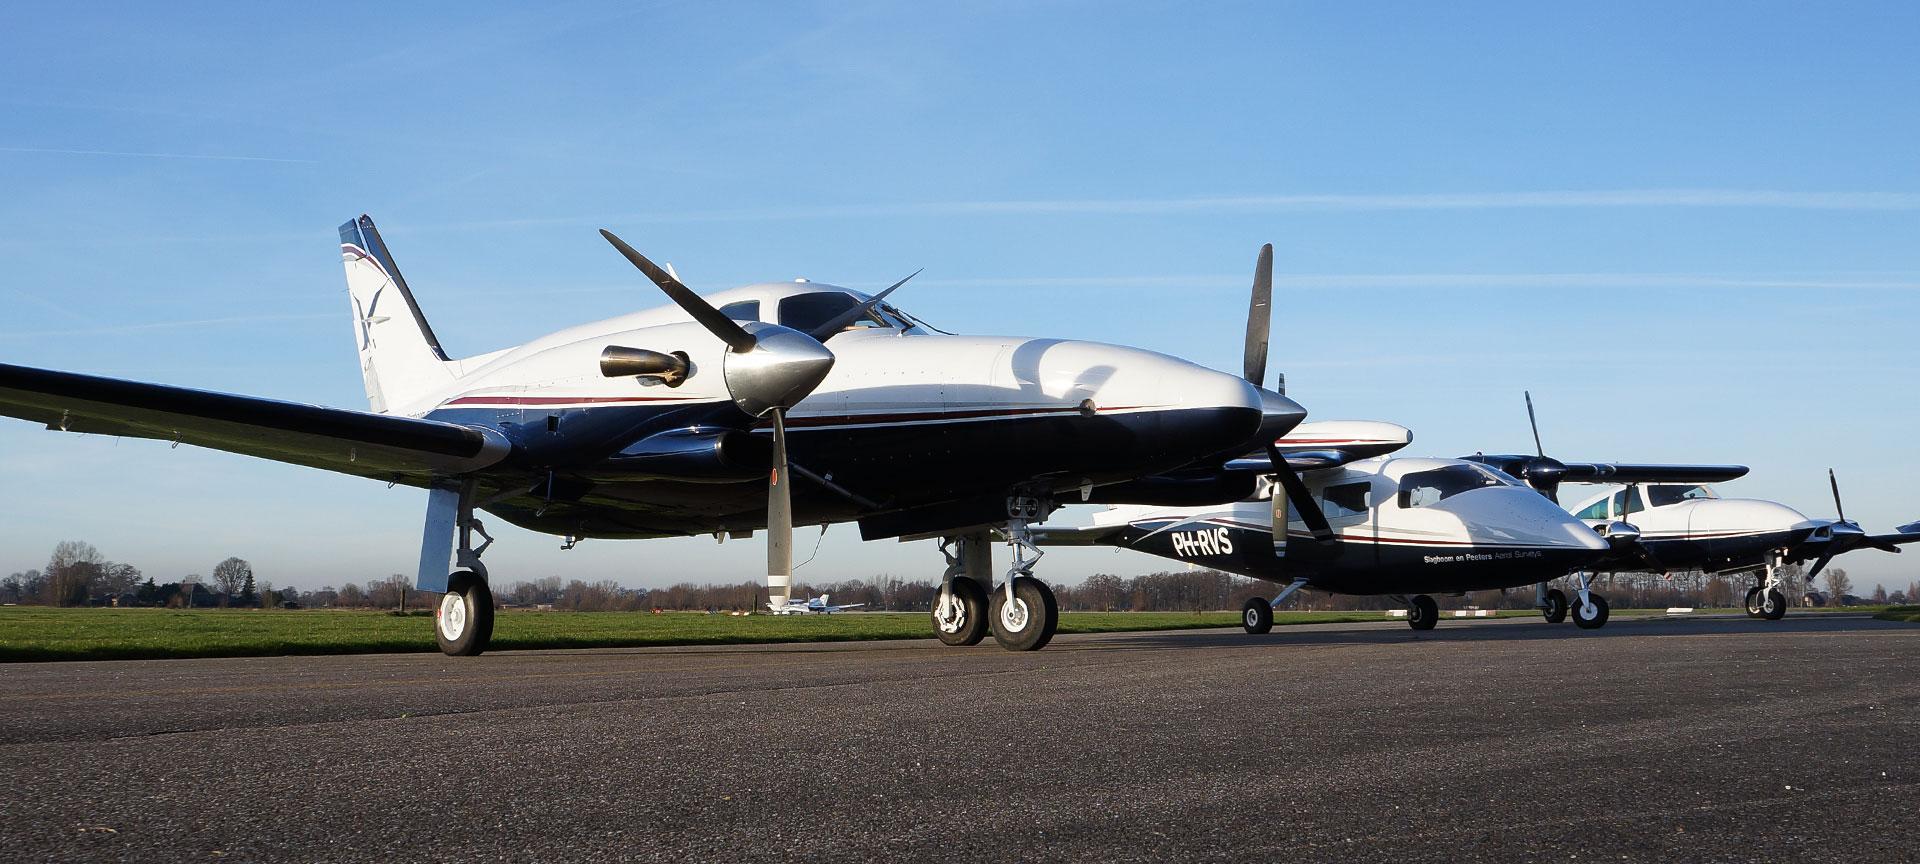 slagboom-en-peeters-04-vliegtuigen